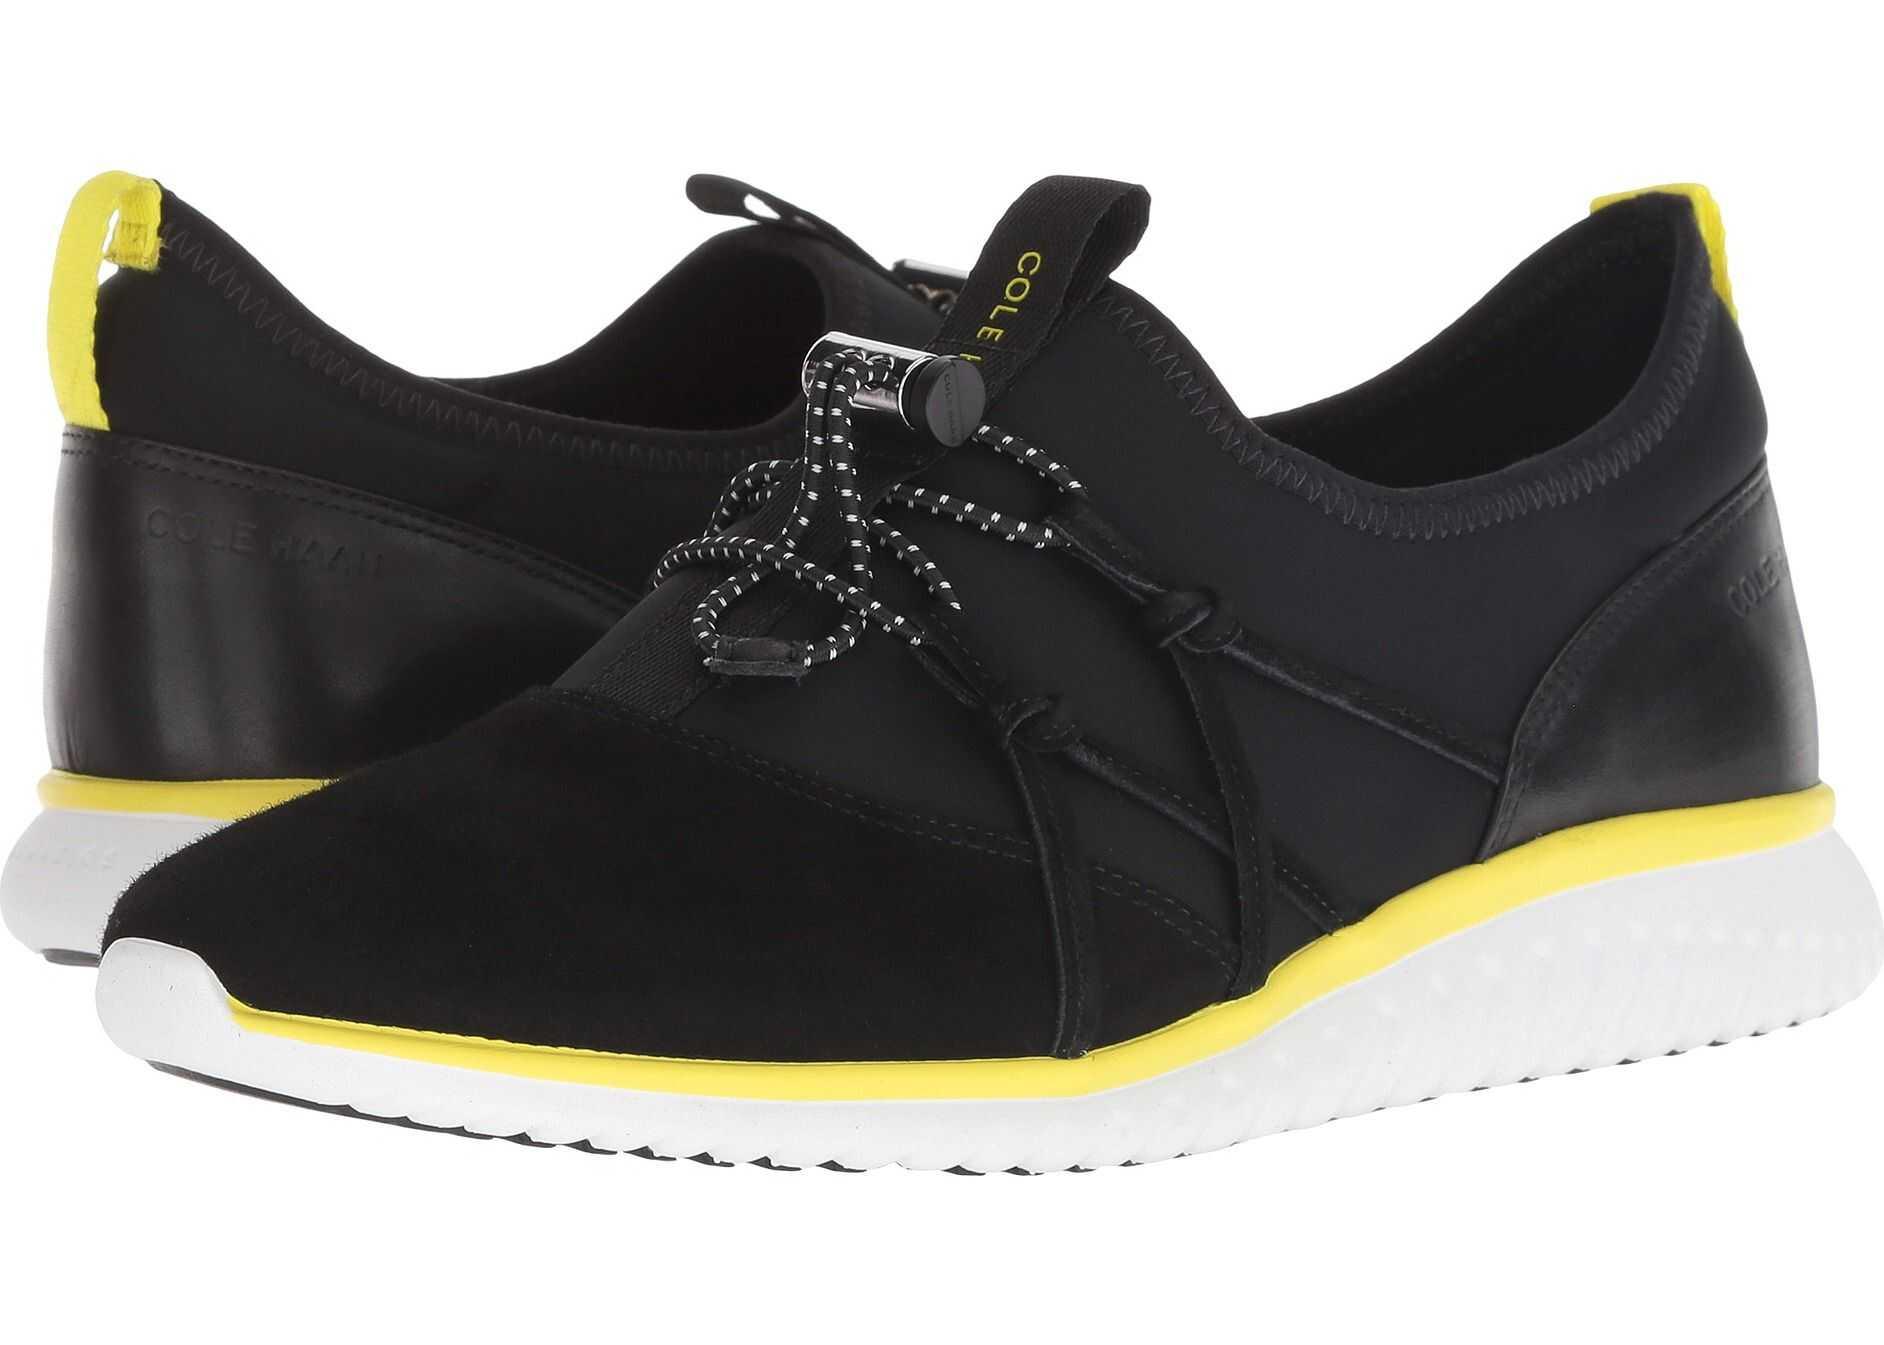 Cole Haan Studiogrand Freedom Sneaker Black Lycra/Suede